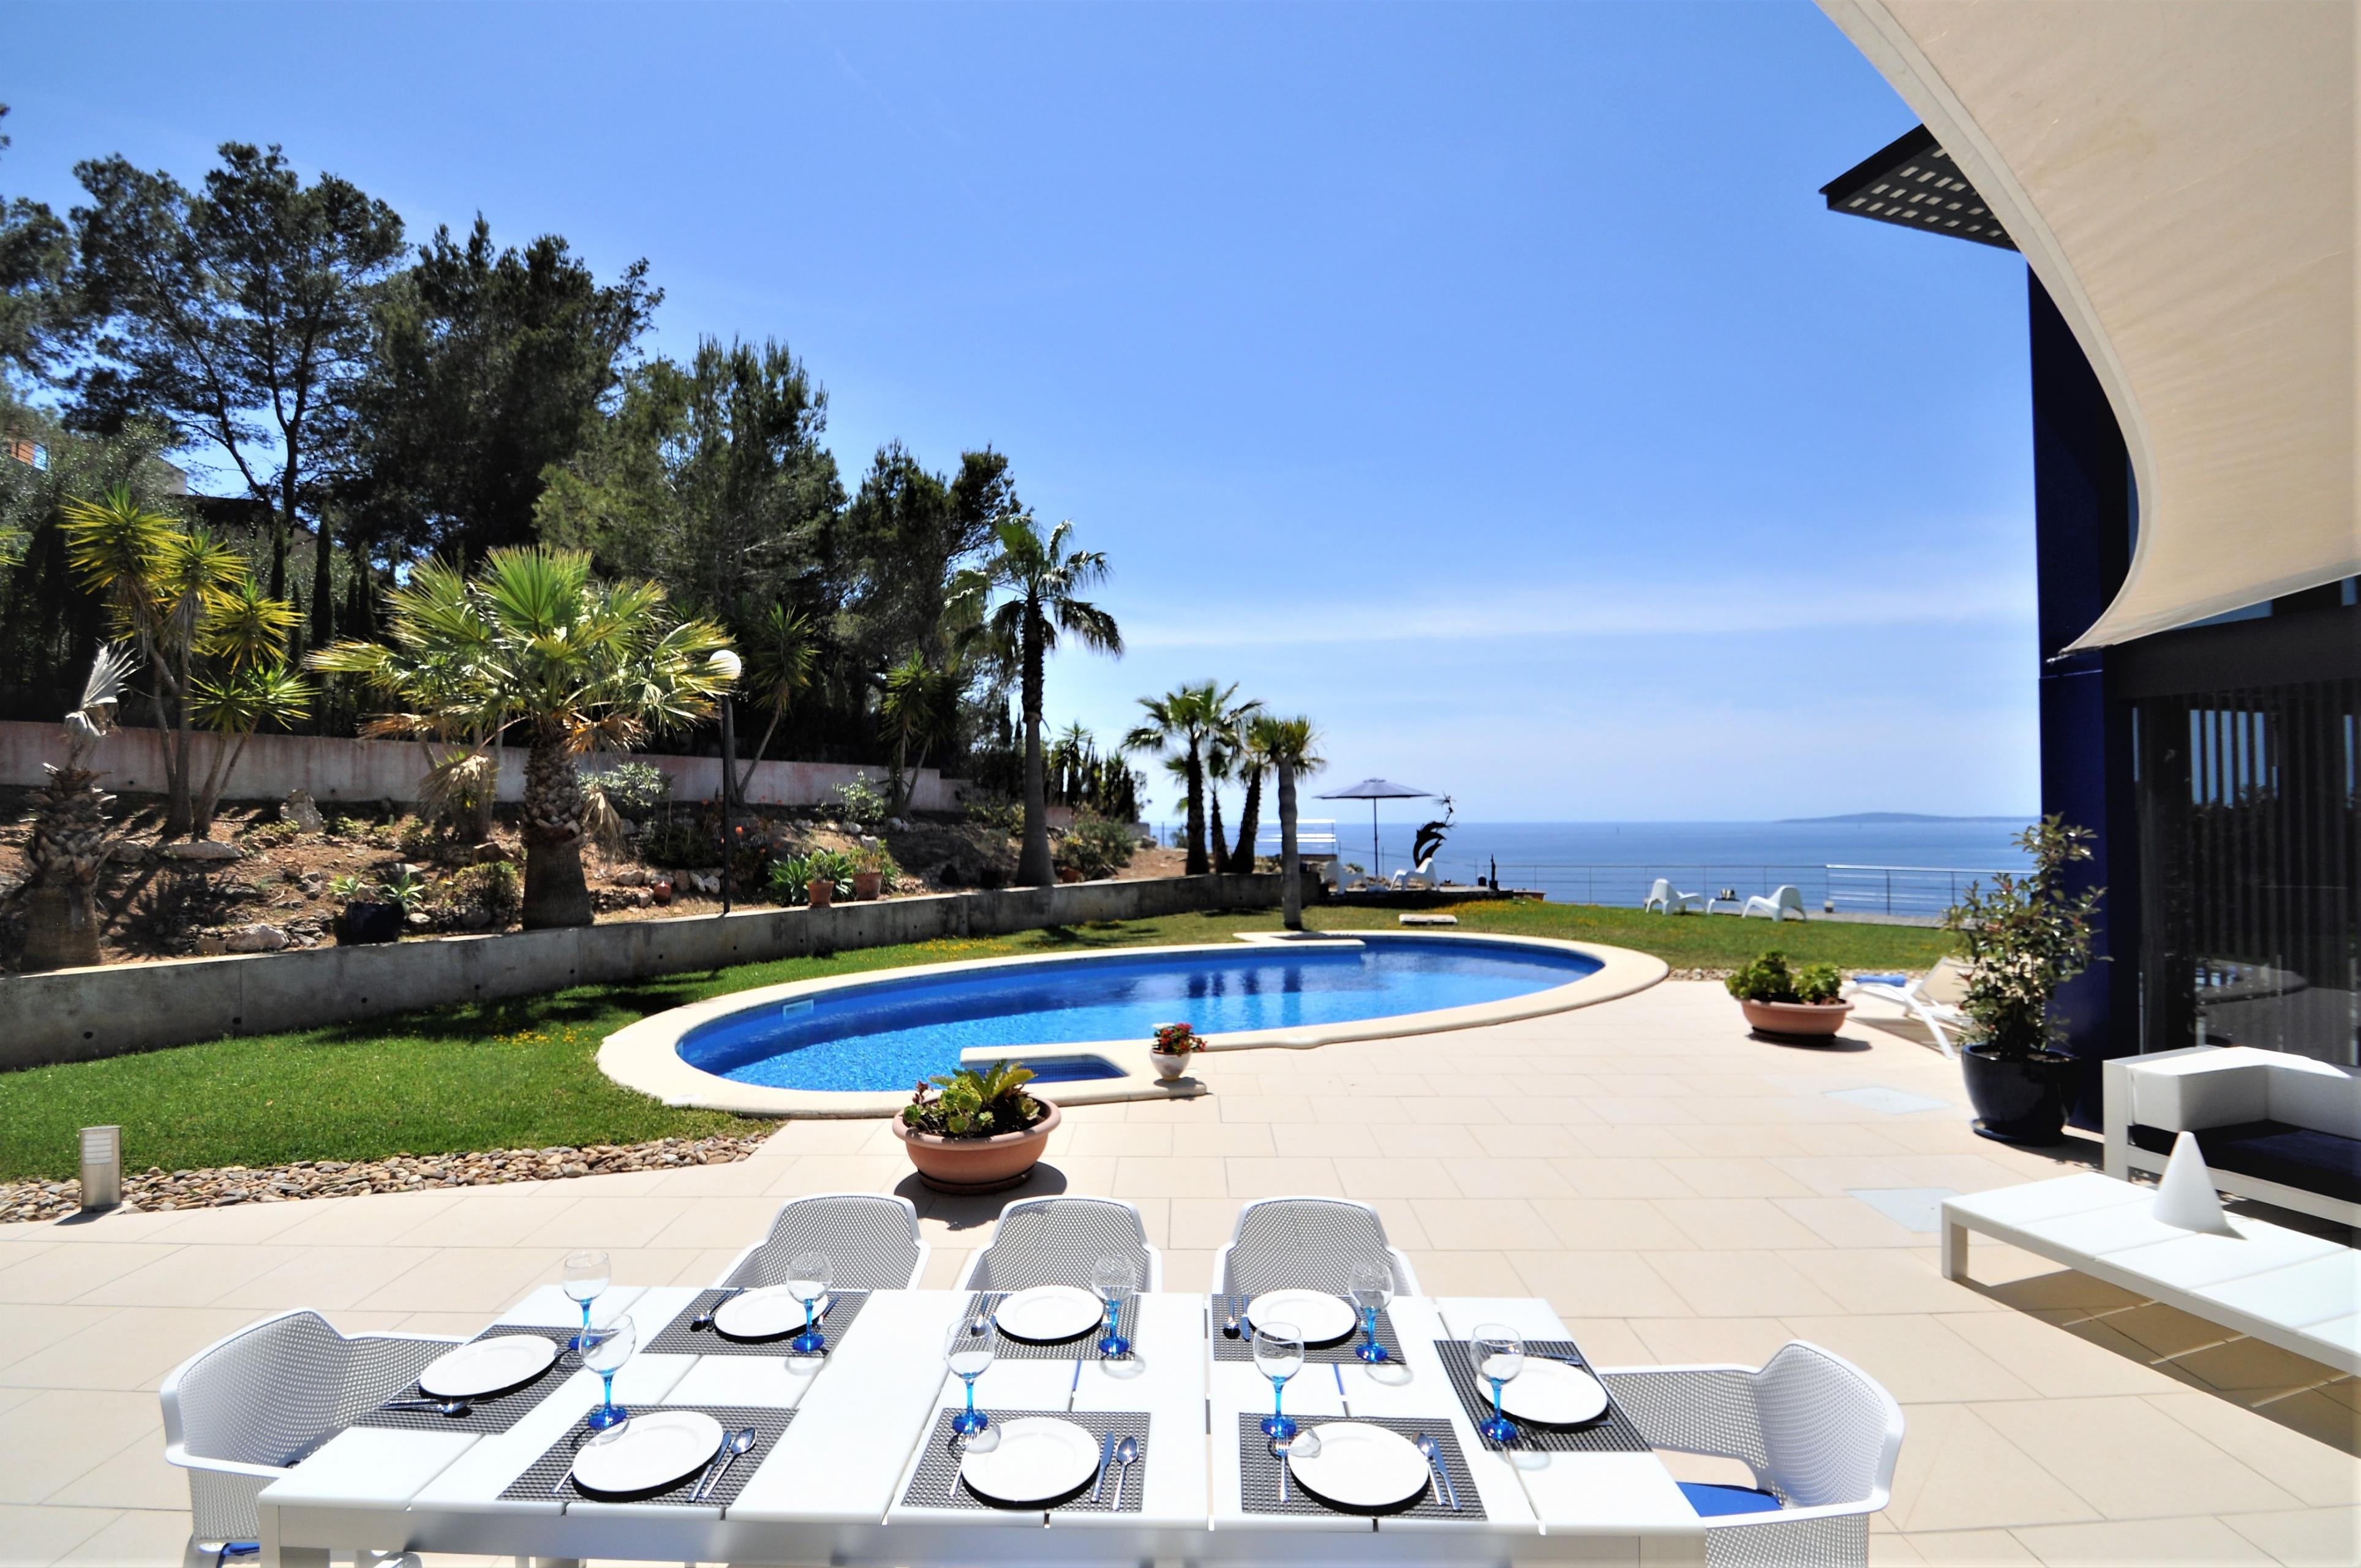 Maison de vacances VILLA BAY BLUE- Bahia Azul- Mallorca - VILLAONLINE - Kostenloses WLAN (2684052), Bahia Azul, Majorque, Iles Baléares, Espagne, image 10